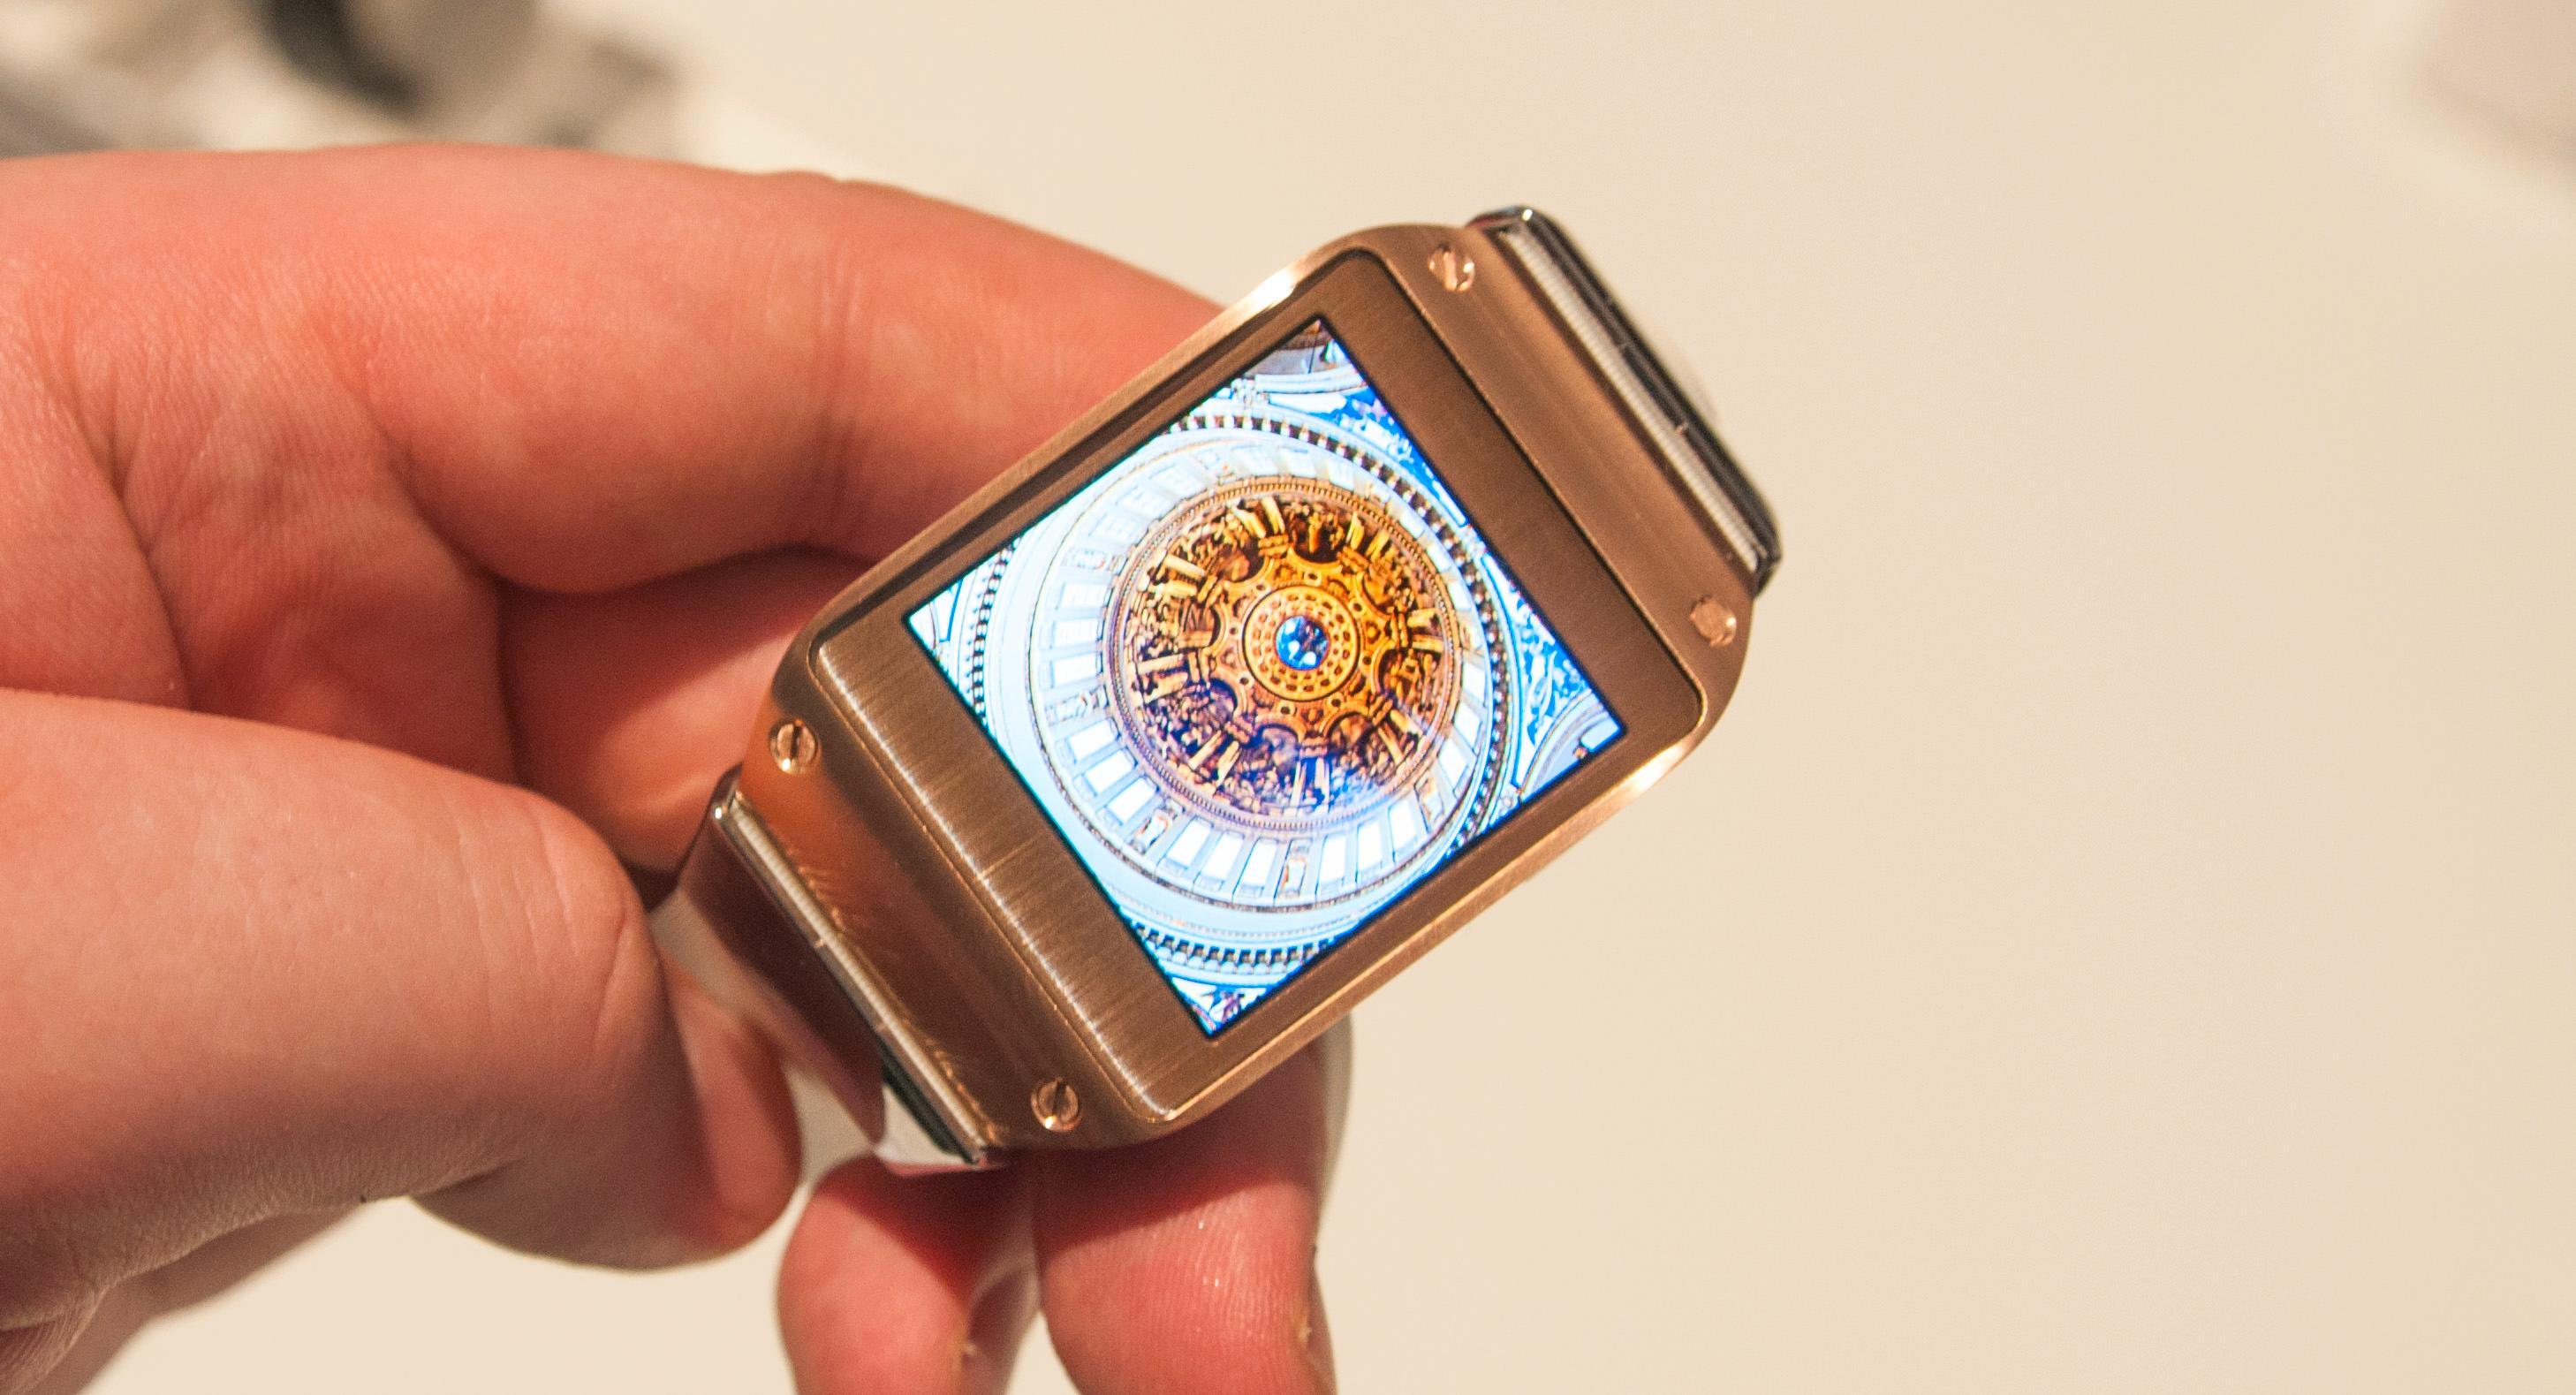 Samsung Galaxy Gear.Foto: Finn Jarle Kvalheim, Amobil.no